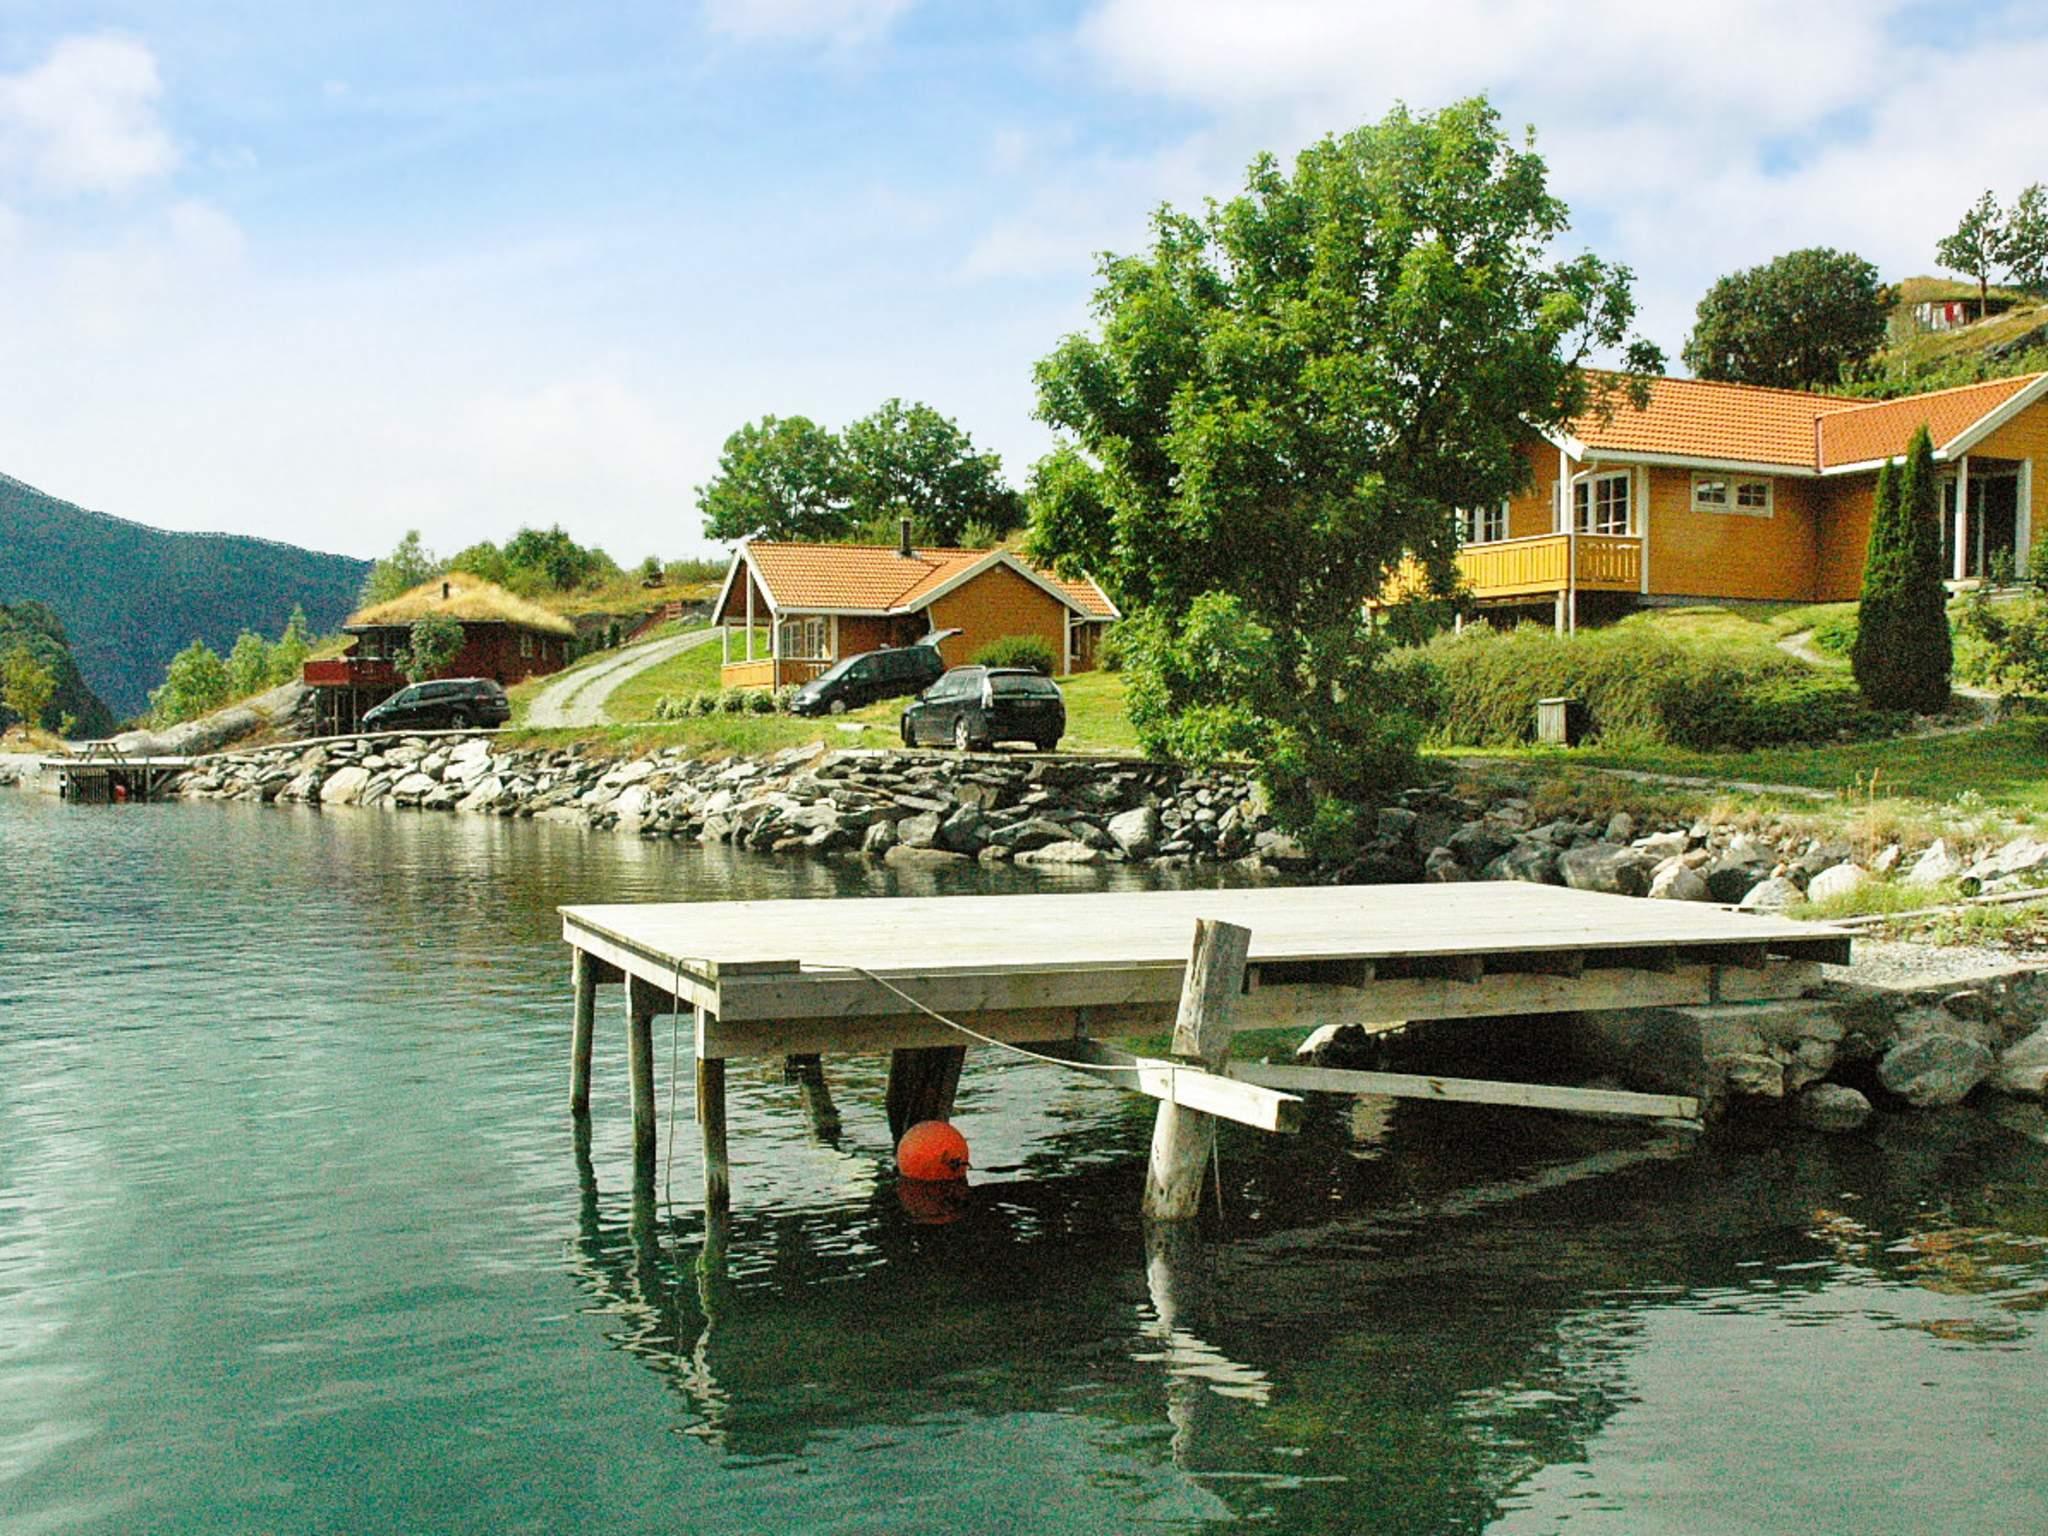 Ferienhaus Slinde (82397), Slinde, Sognefjord - Nordfjord, Westnorwegen, Norwegen, Bild 2